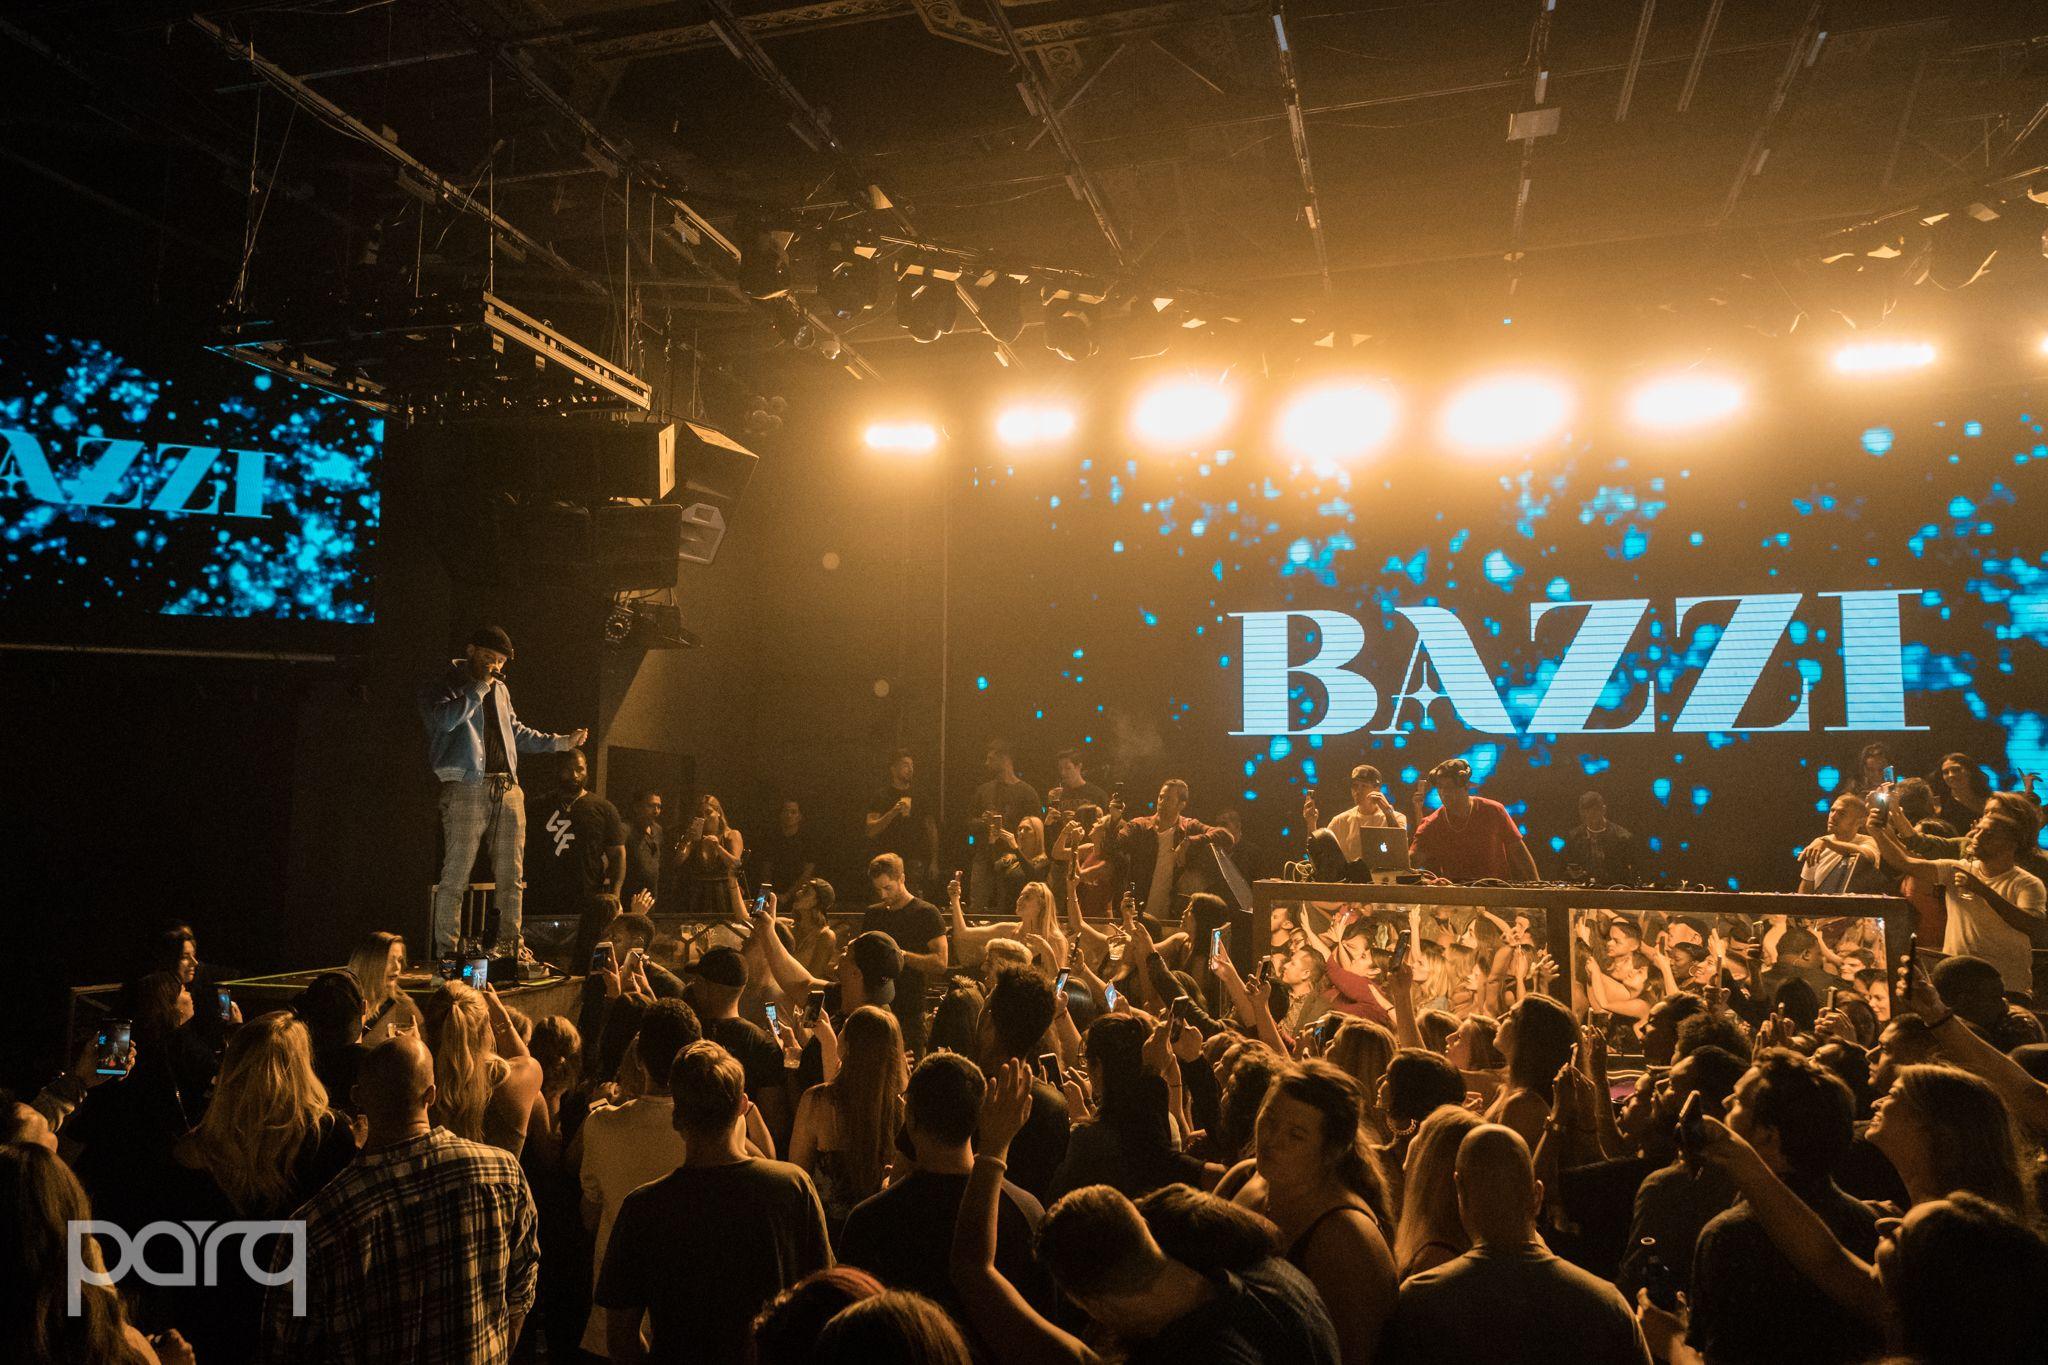 09.23.18 Parq - Bazzi-1.jpg